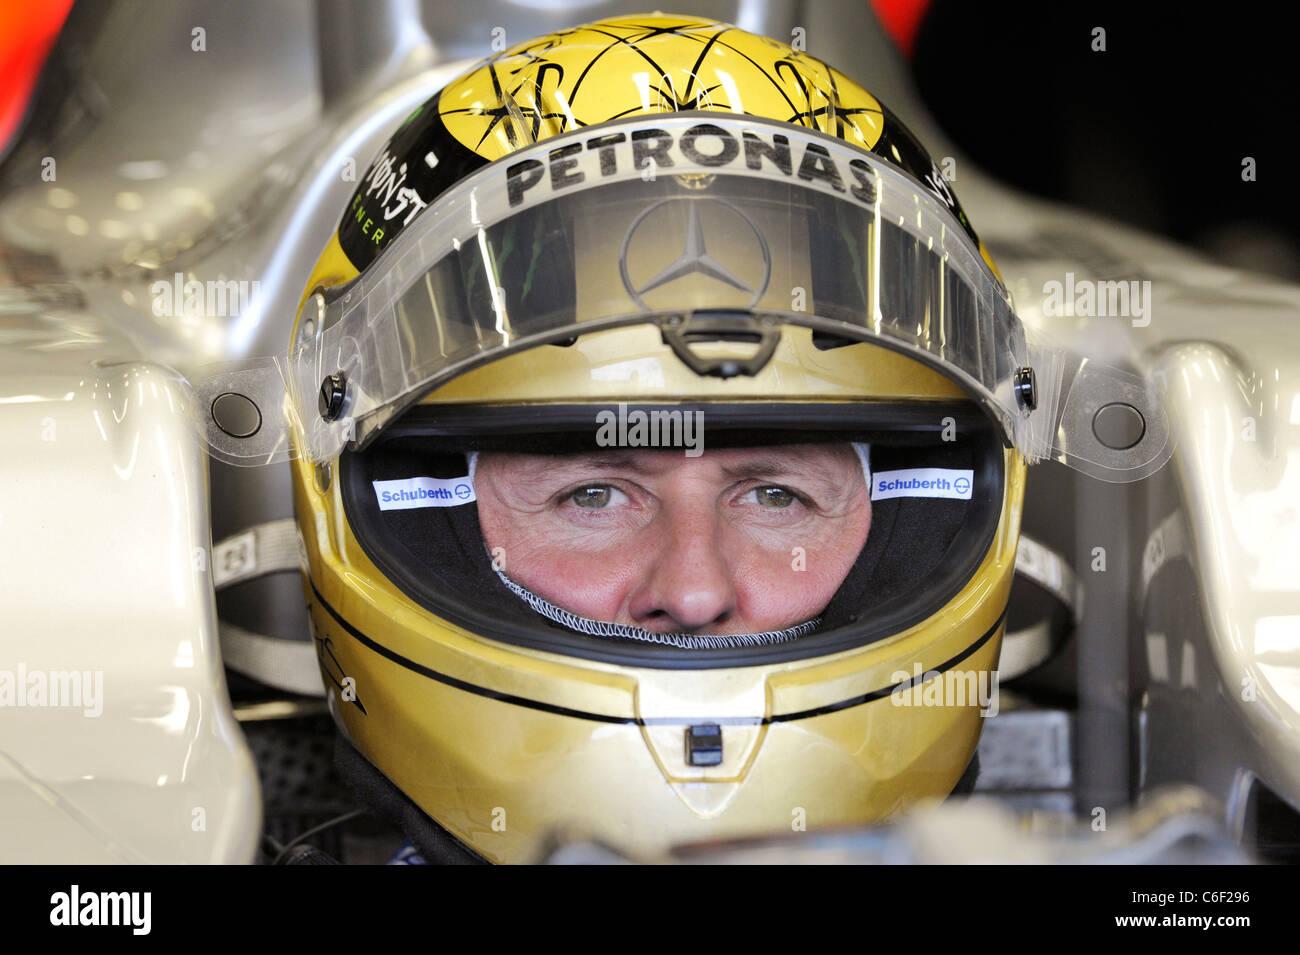 Michael Schumacher Mercedes Tragen Goldene Hochzeit Helm Stockfoto